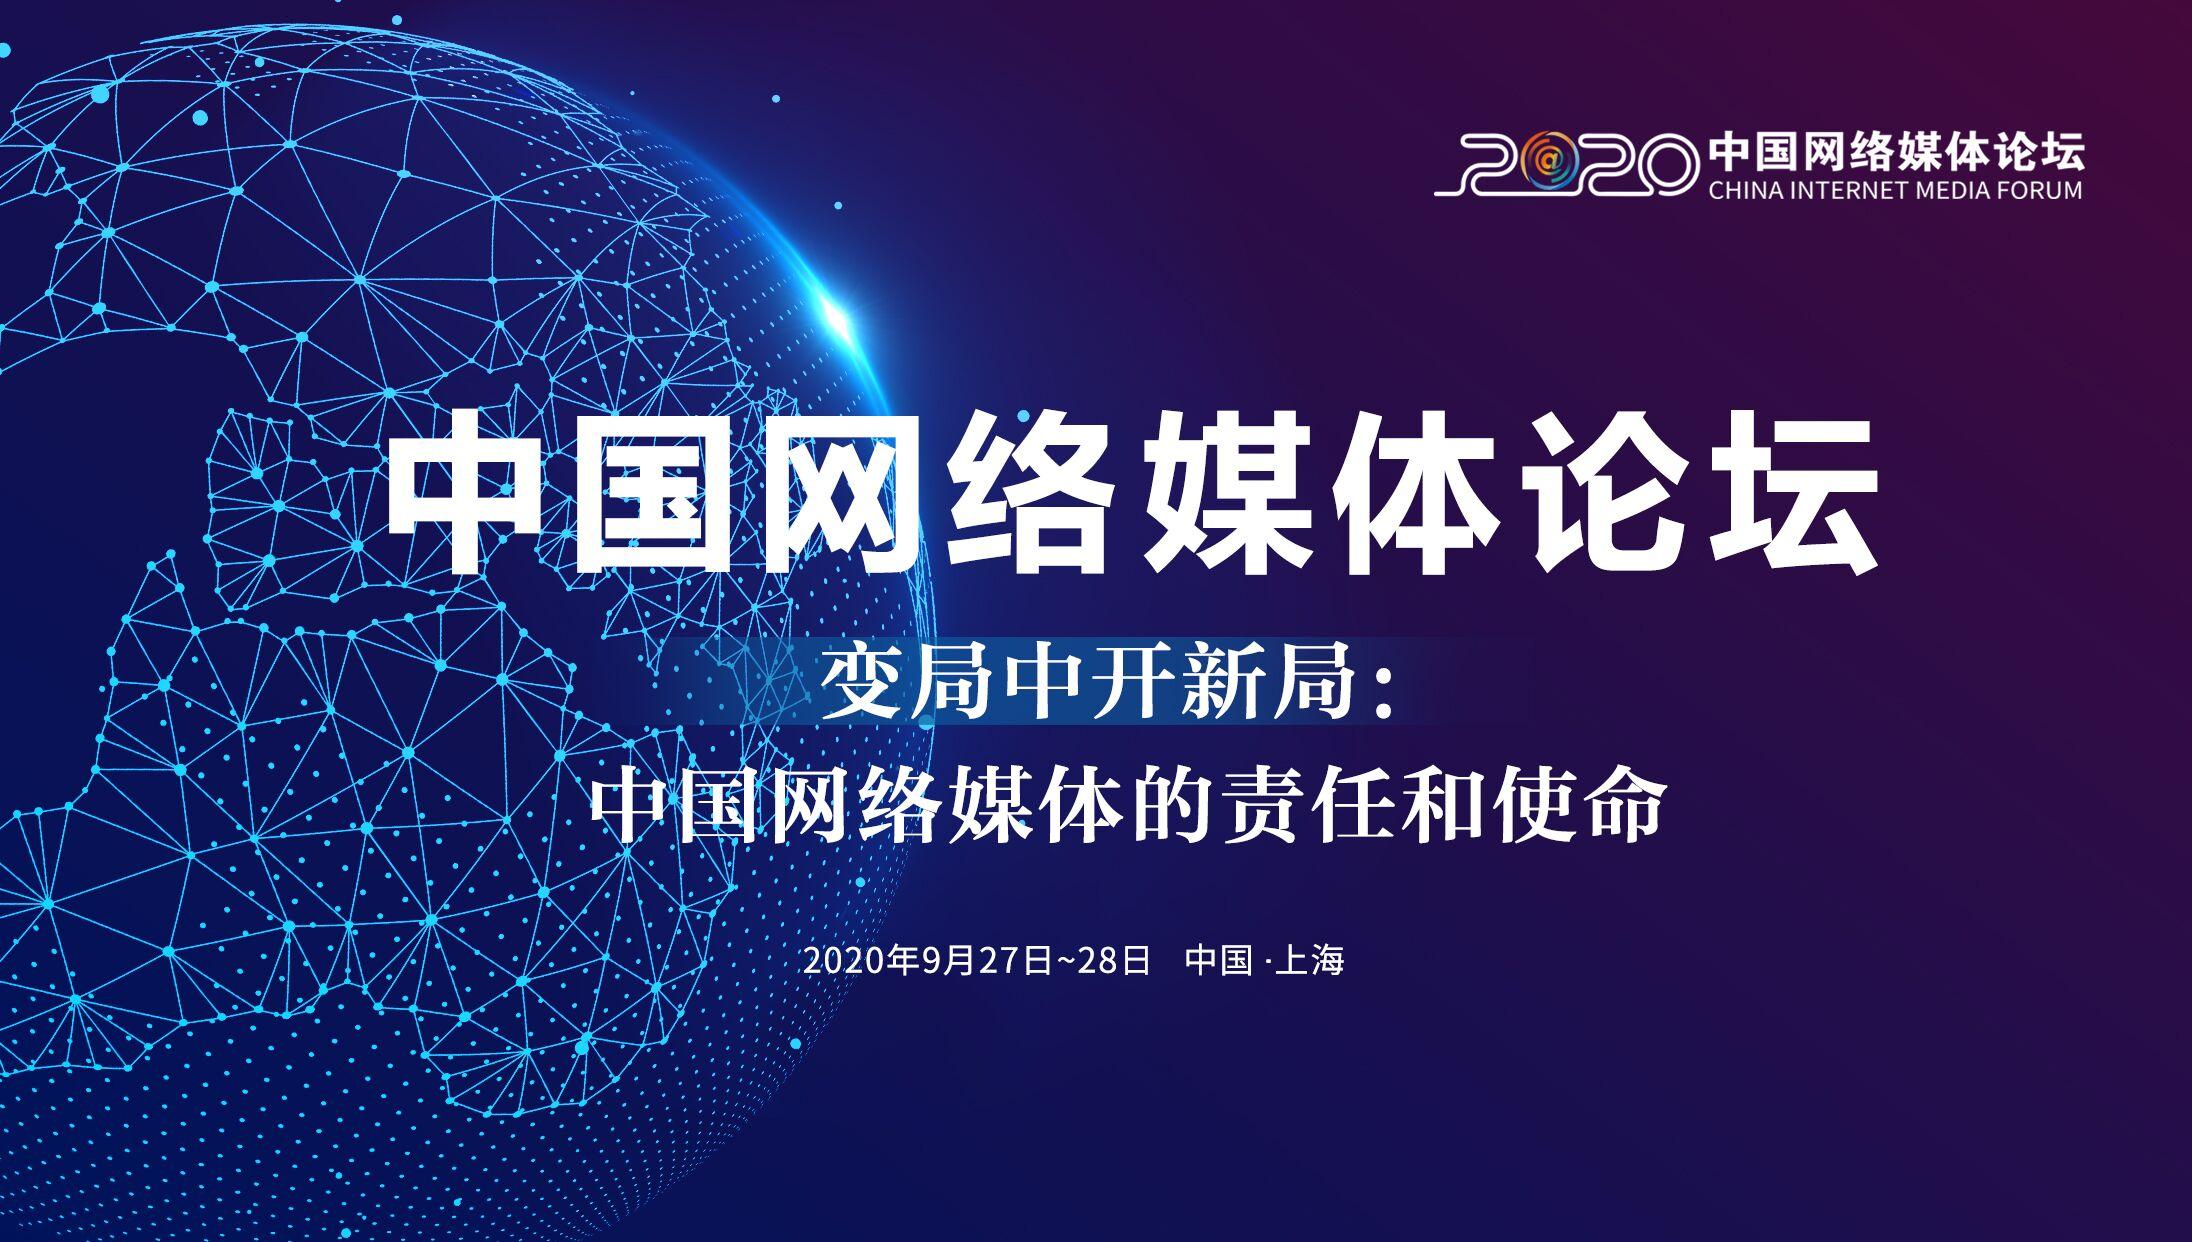 2020中国网络媒体论坛